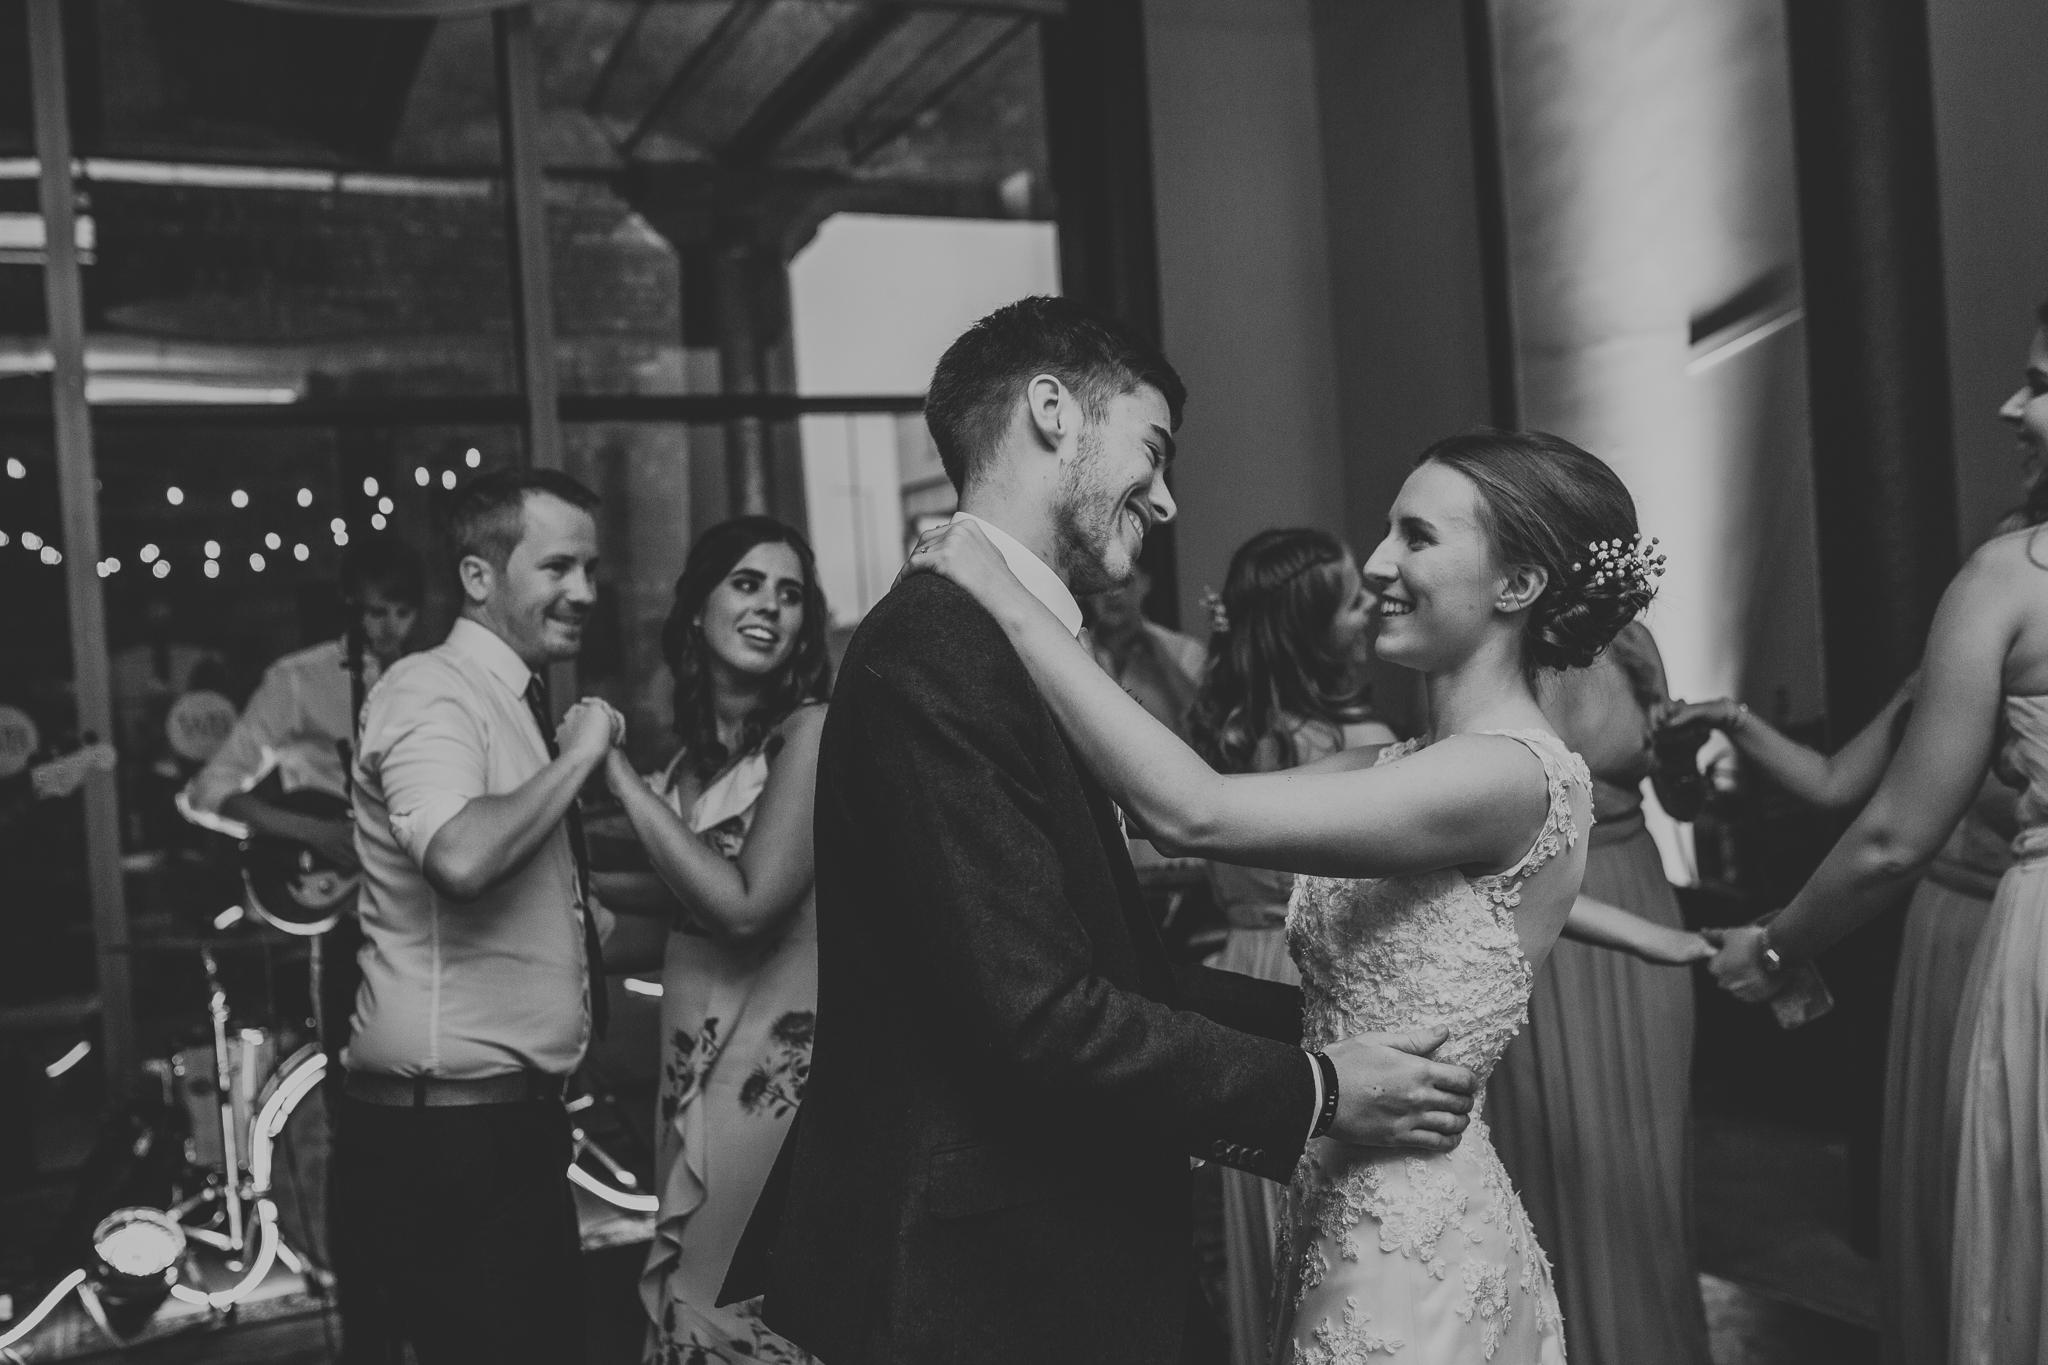 Jess and Ben - Liverpool wedding - bride and groom dancing